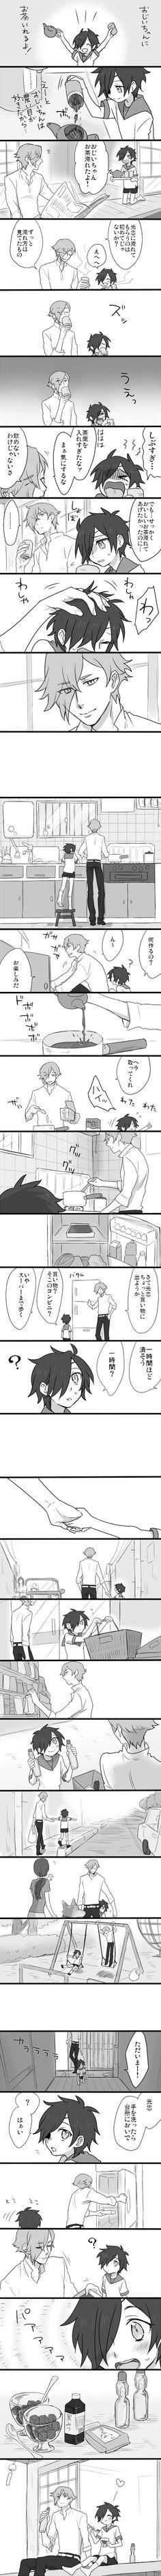 (4) 【とうらぶ】つるまるじいちゃんとうぐまるじいちゃん - スパンキング次郎 - pixiv